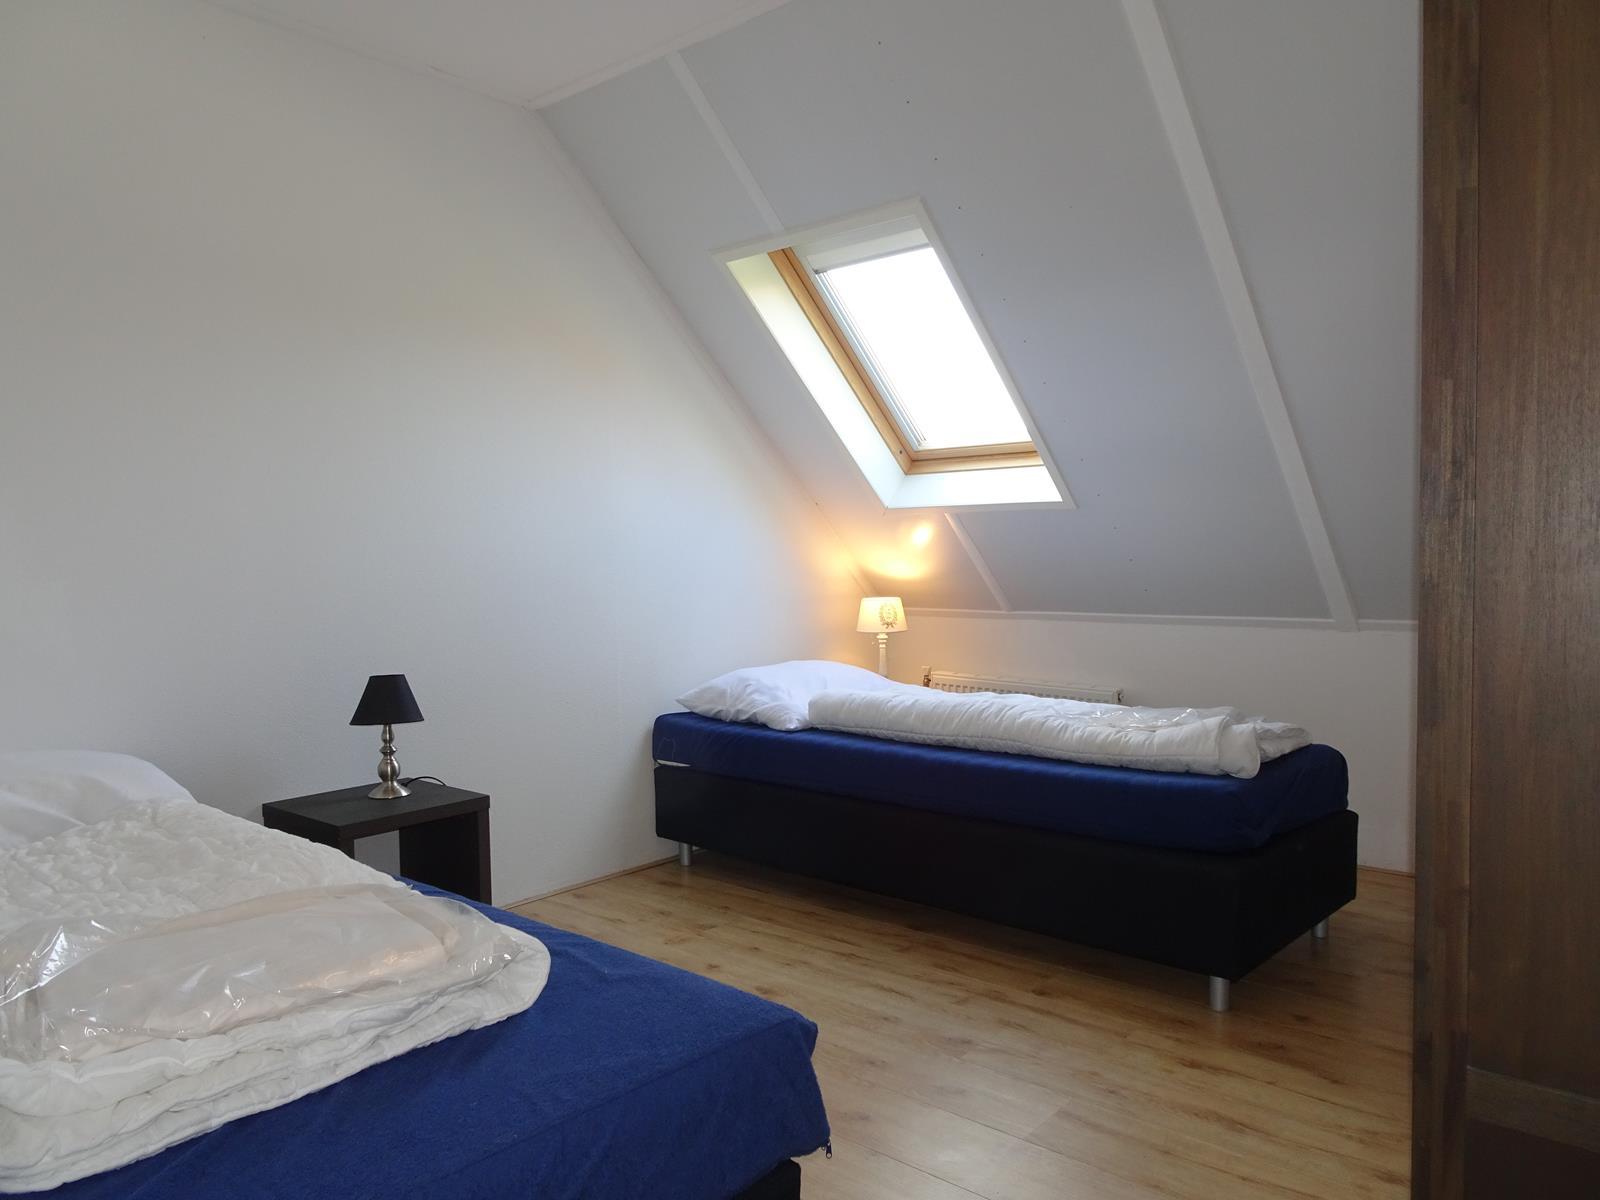 Vakantiehuis te koop Susteren K801 003.jpg